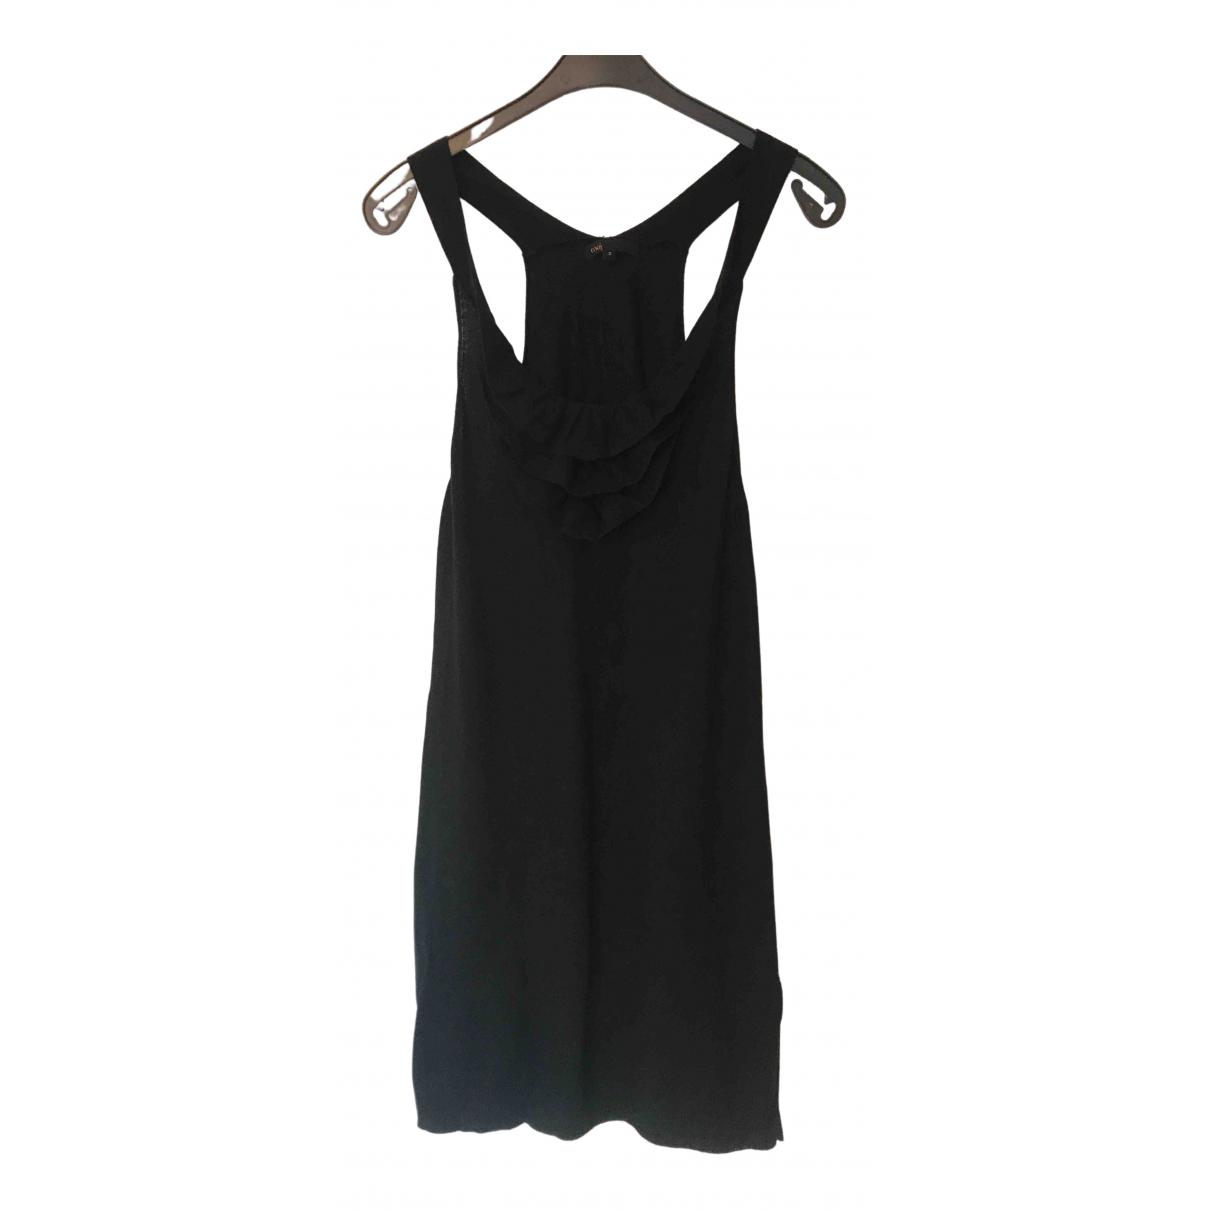 Maje \N Kleid in  Schwarz Kaschmir